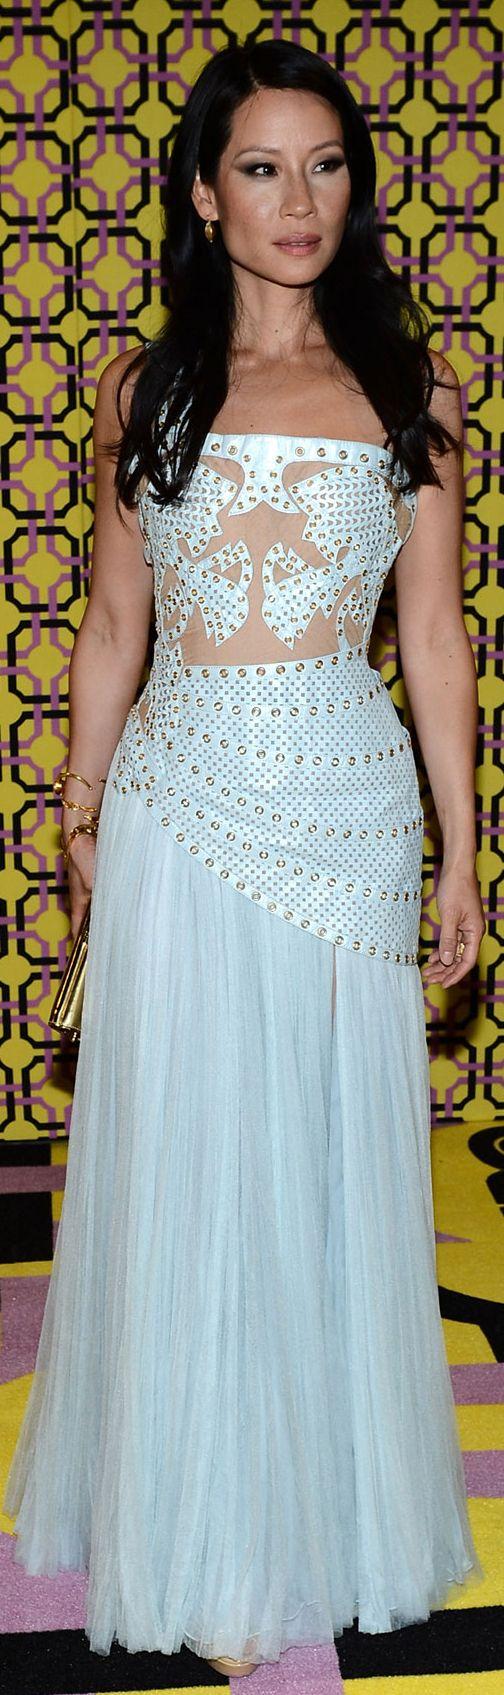 Lucy Liu in Atelier Versace dress